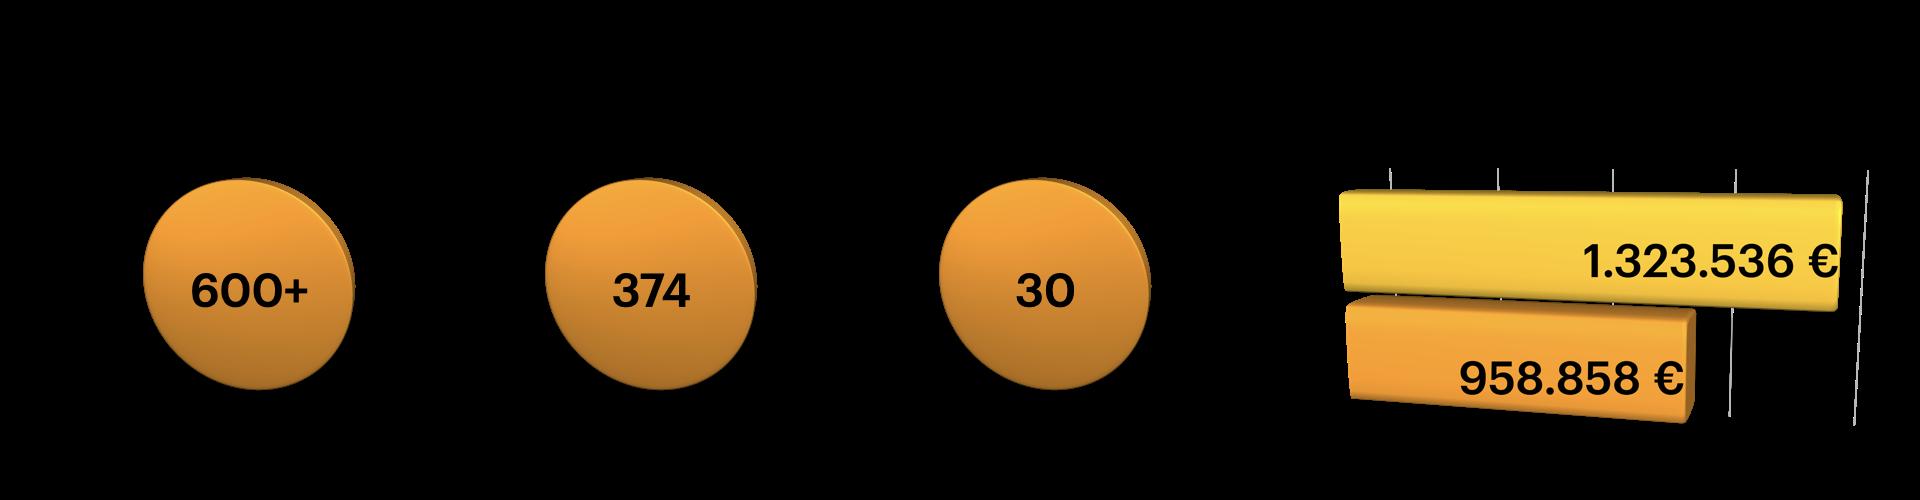 grafiche-statistiche_28_5